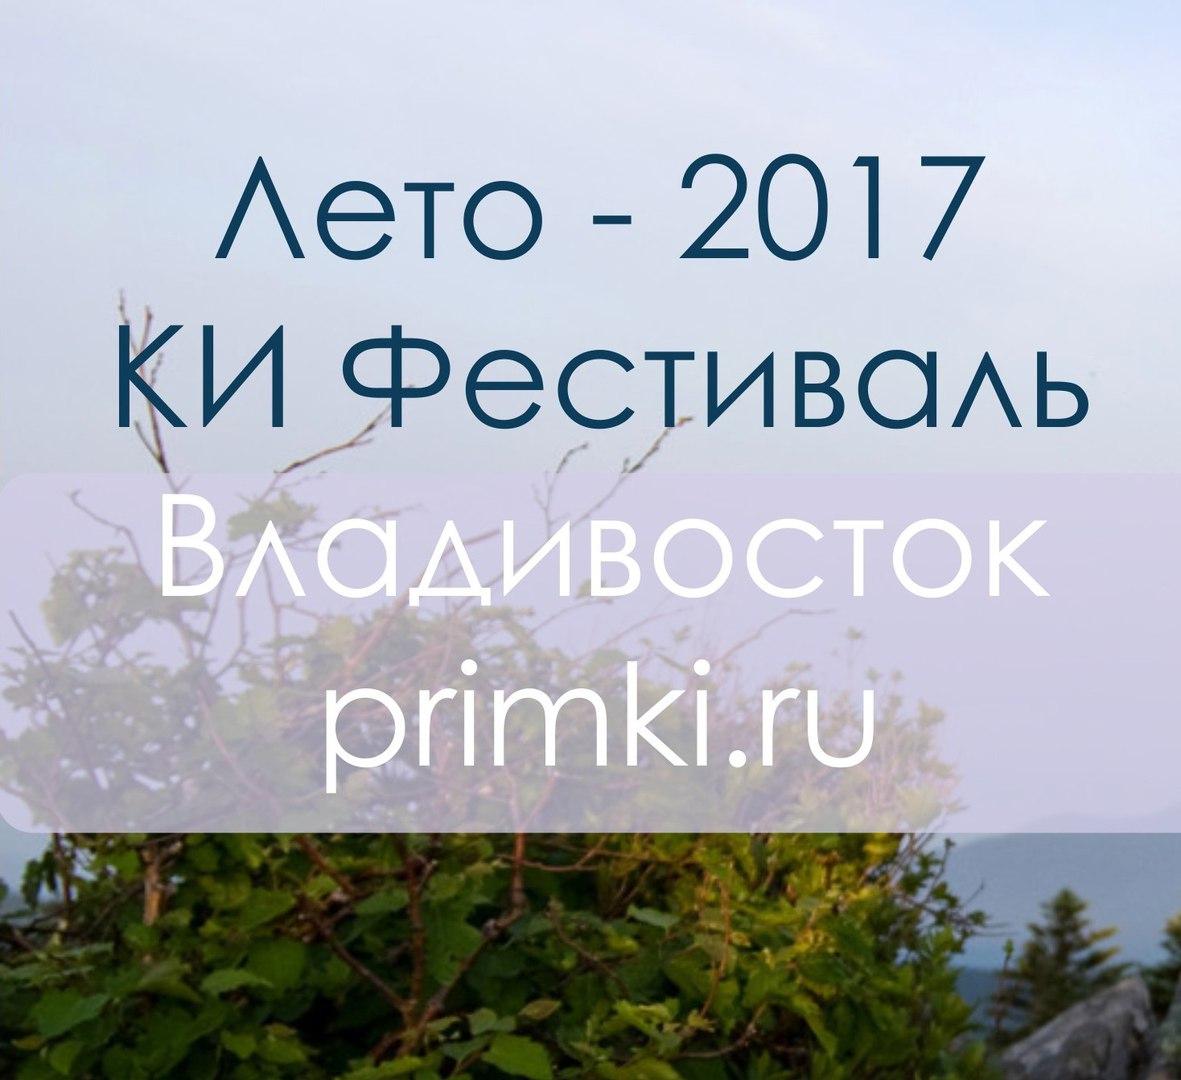 Афиша Владивосток ЛЕТНИЙ КОНТАКТНЫЙ ФЕСТИВАЛЬ / 2017